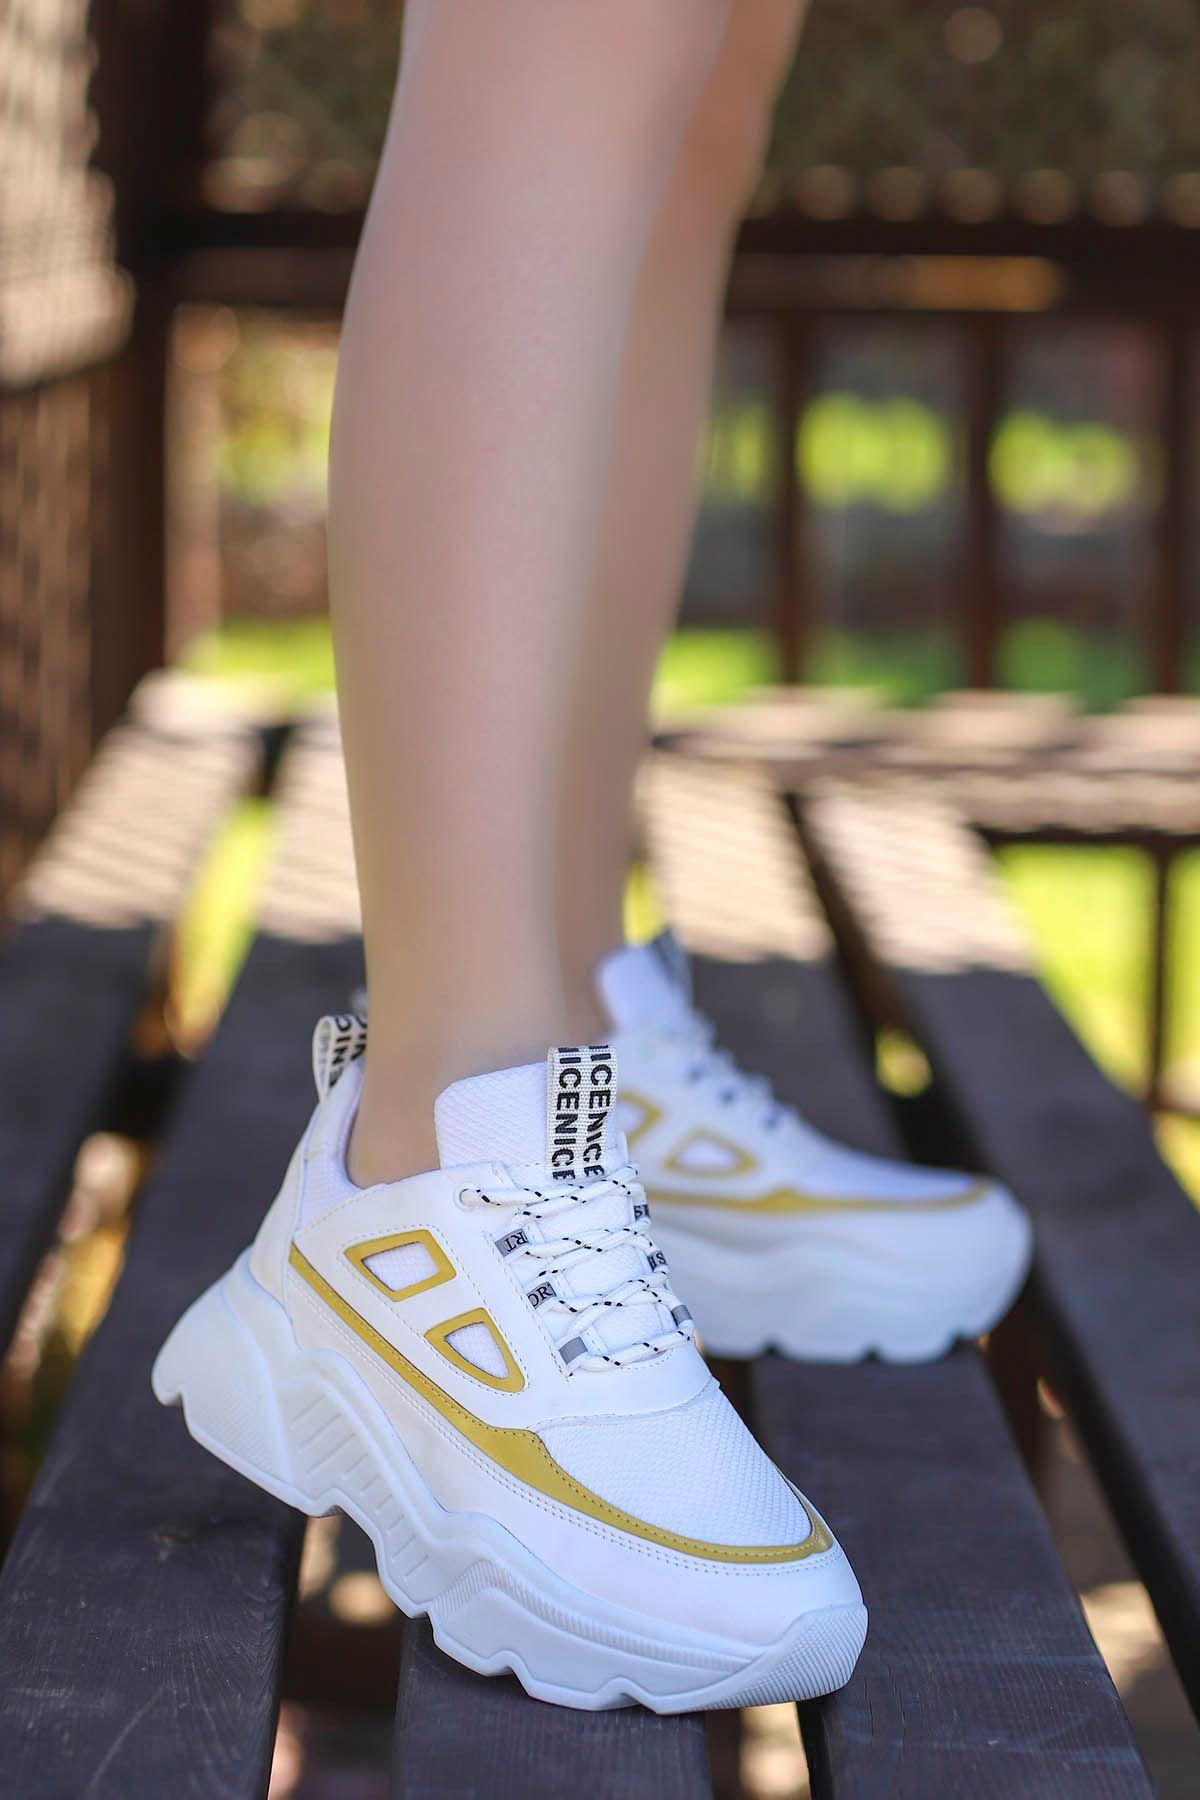 Frm-107 Spor Ayakkabı Beyaz Sarı Detay